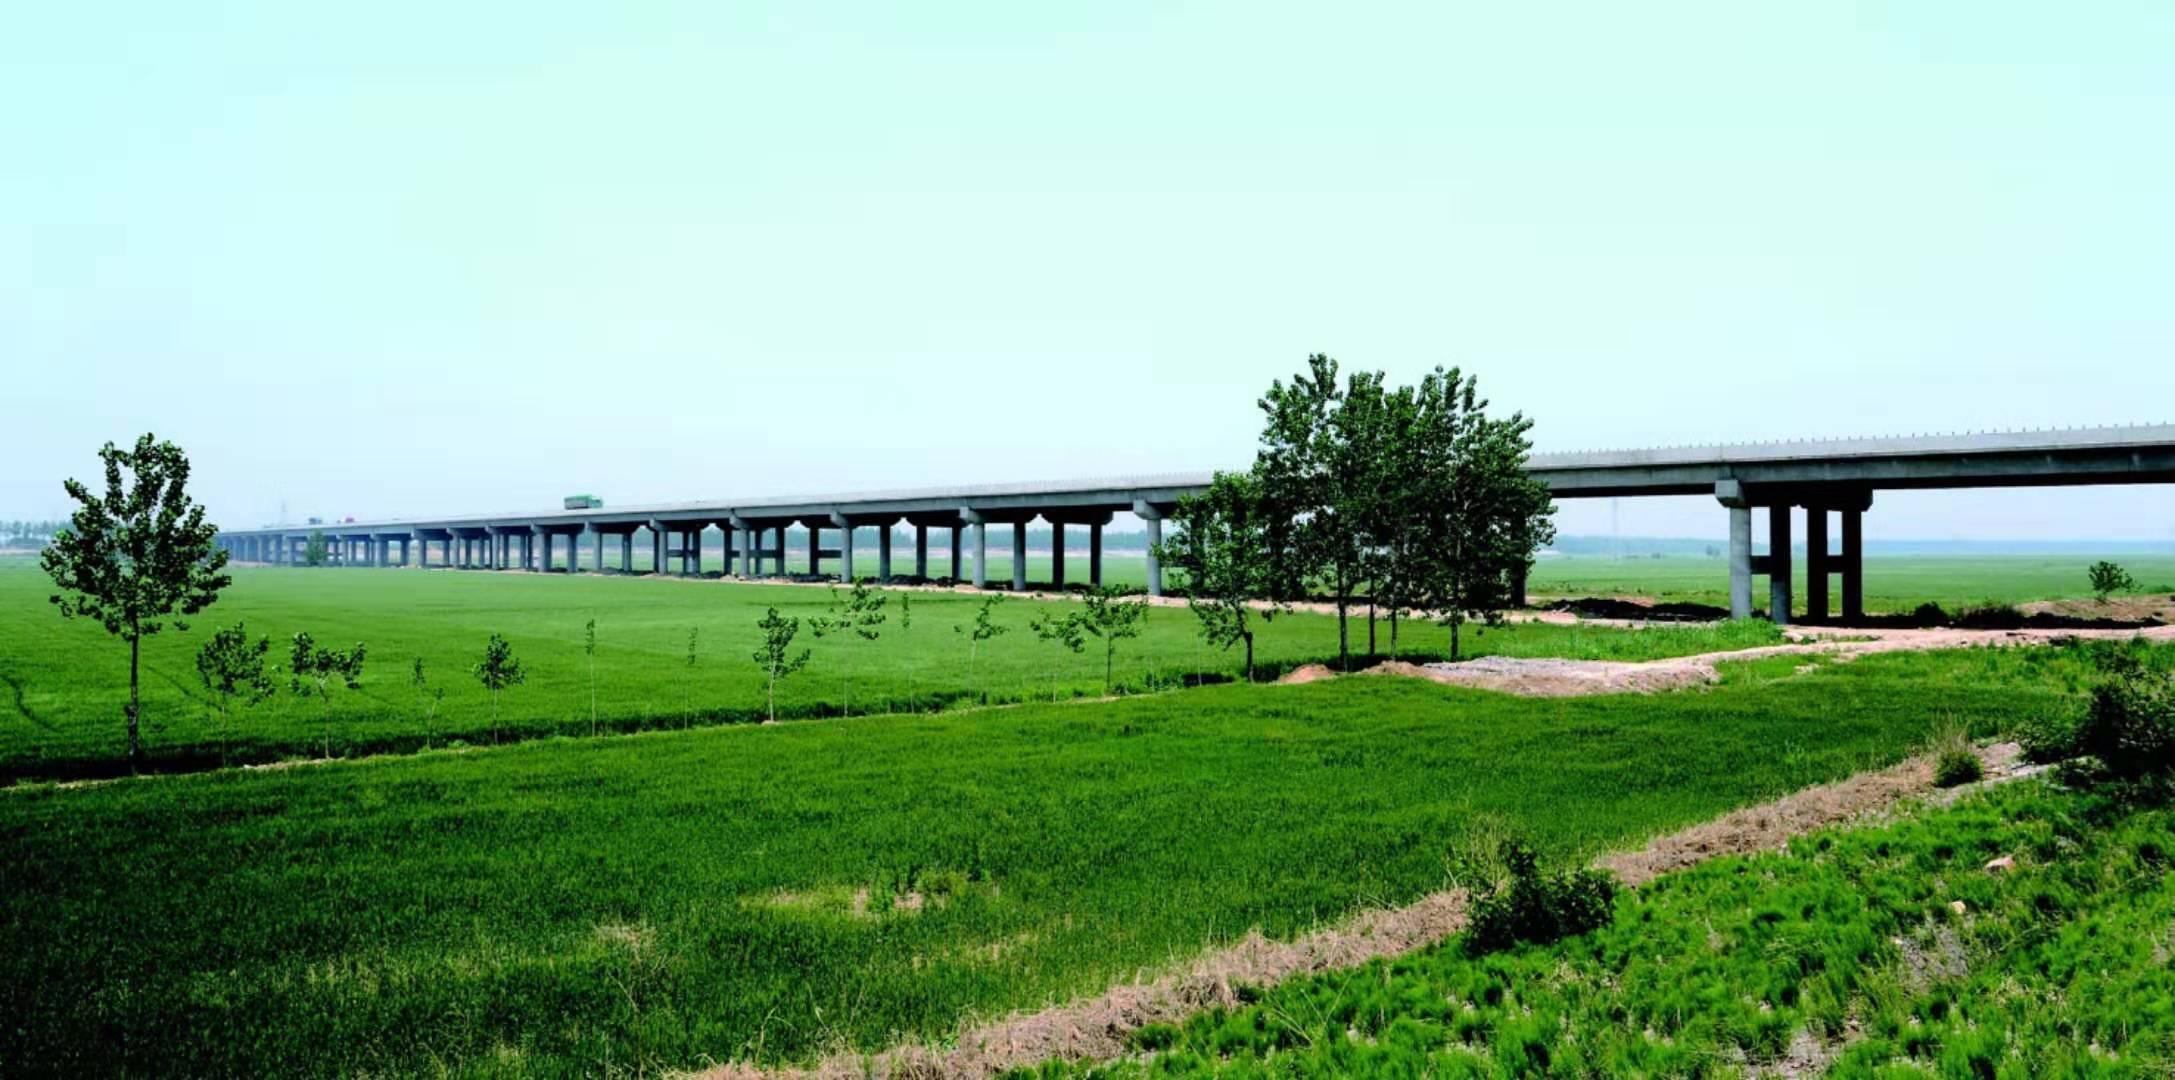 204国道连云港段沭河特大桥工程——荣获江苏省最高质量奖项扬子杯奖